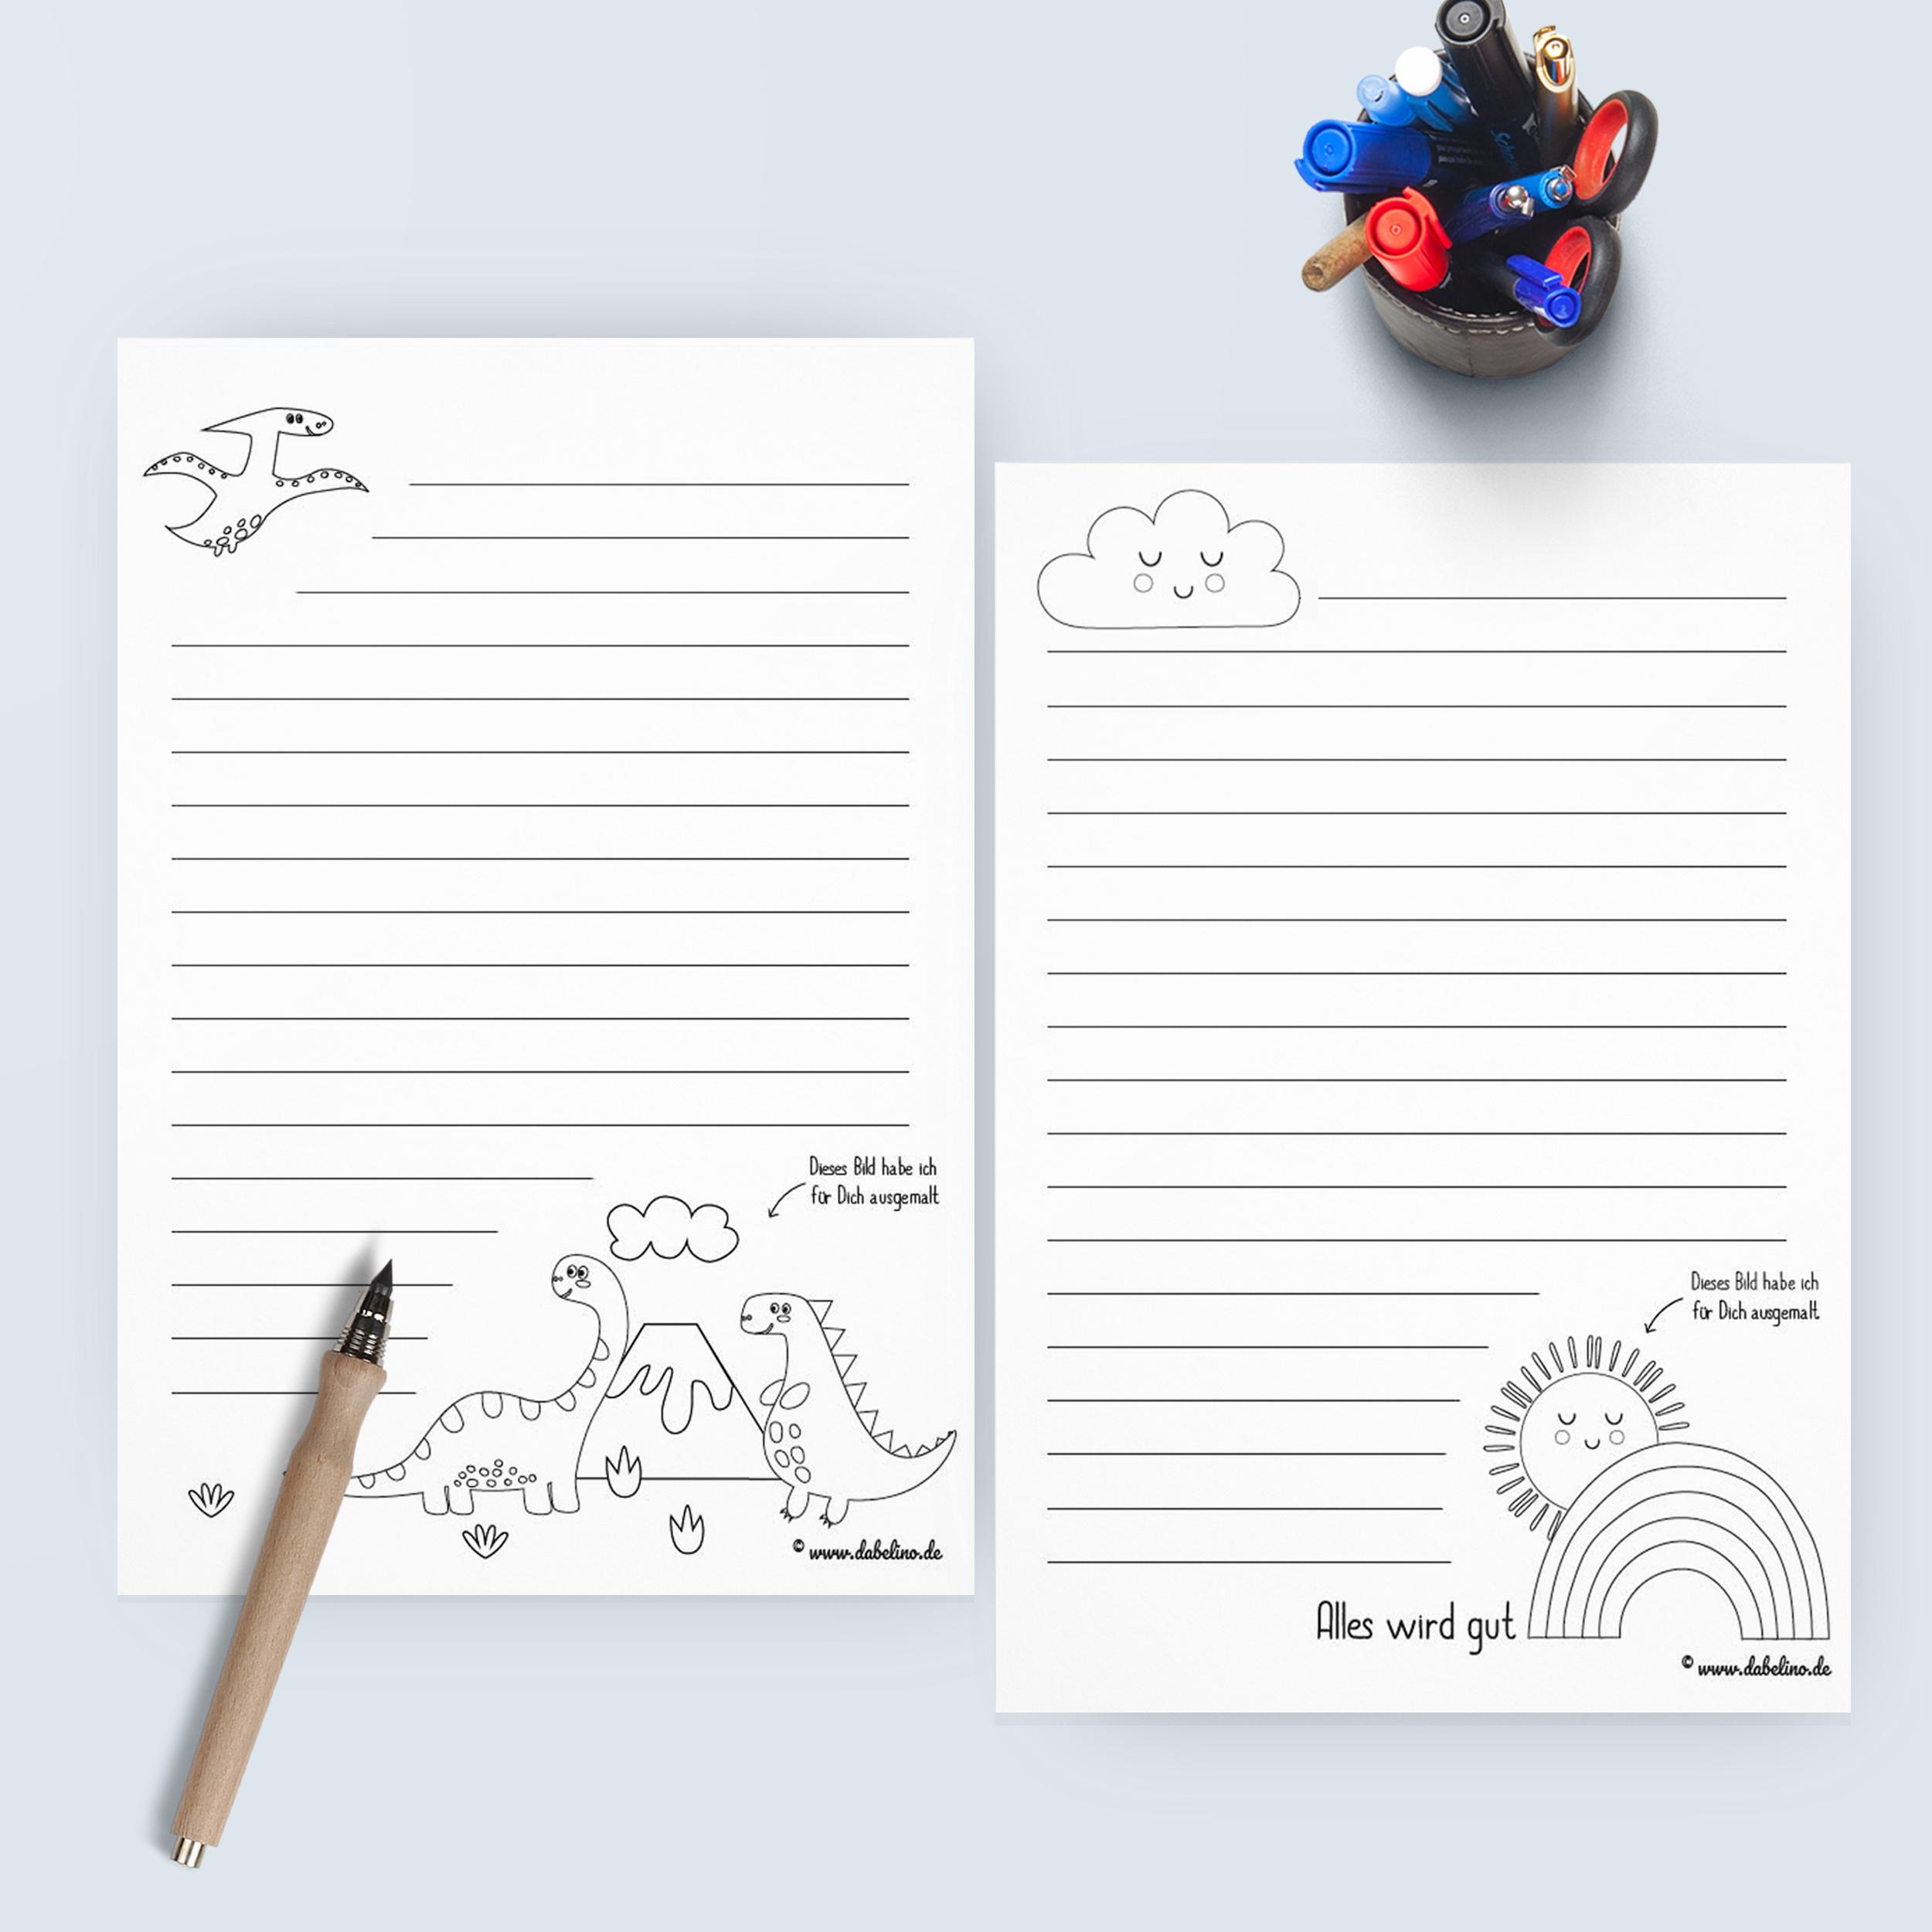 Freebie Kinder Briefpapier Vorlagen Kostenlos Als Pdf Download Zum Ausdrucken Motive Einhorn Lama Dinosaurier Und Regenbogen Dabelino